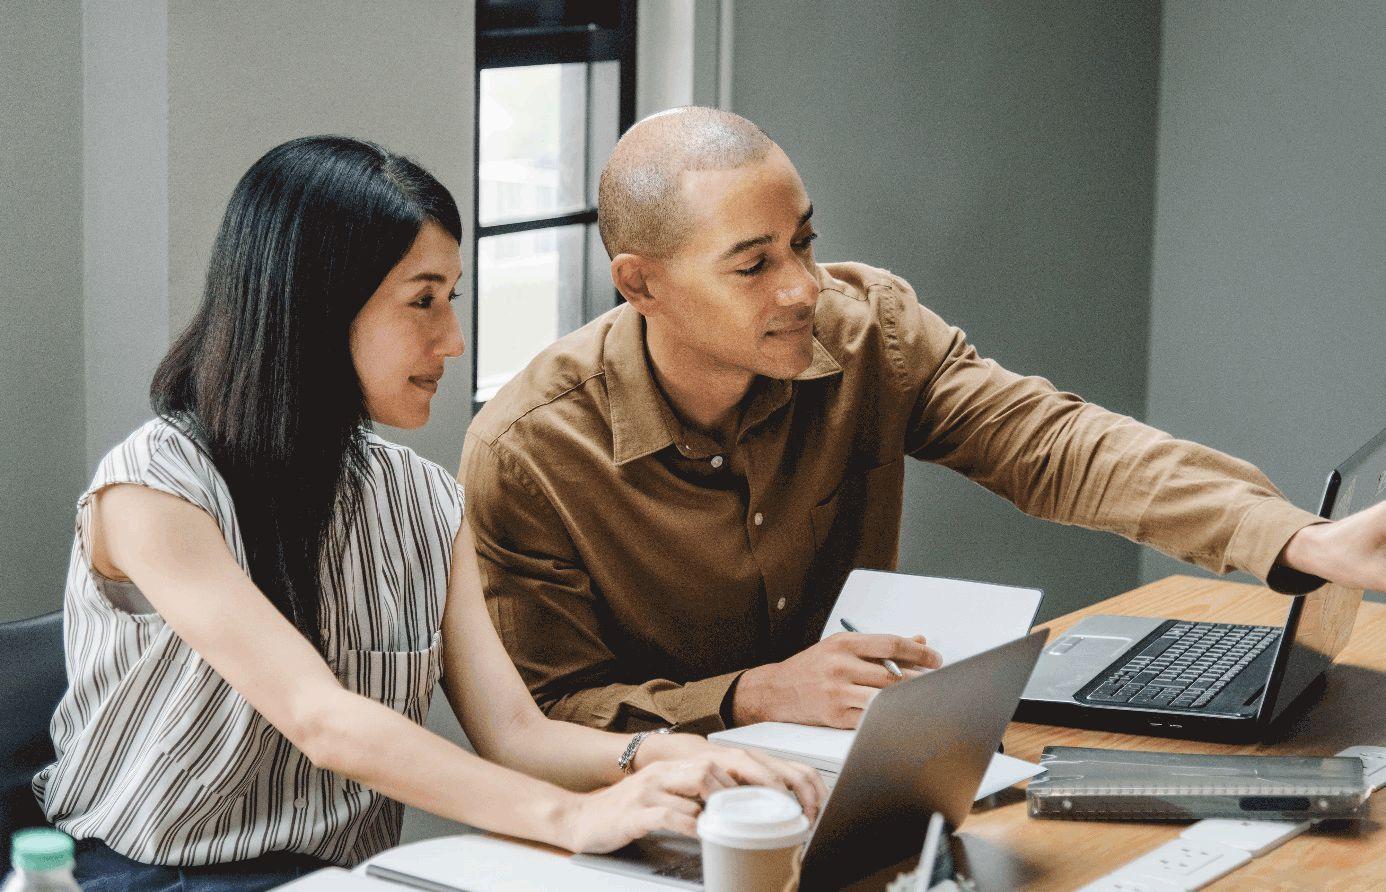 Frau und Mann bei Arbeit am Laptop